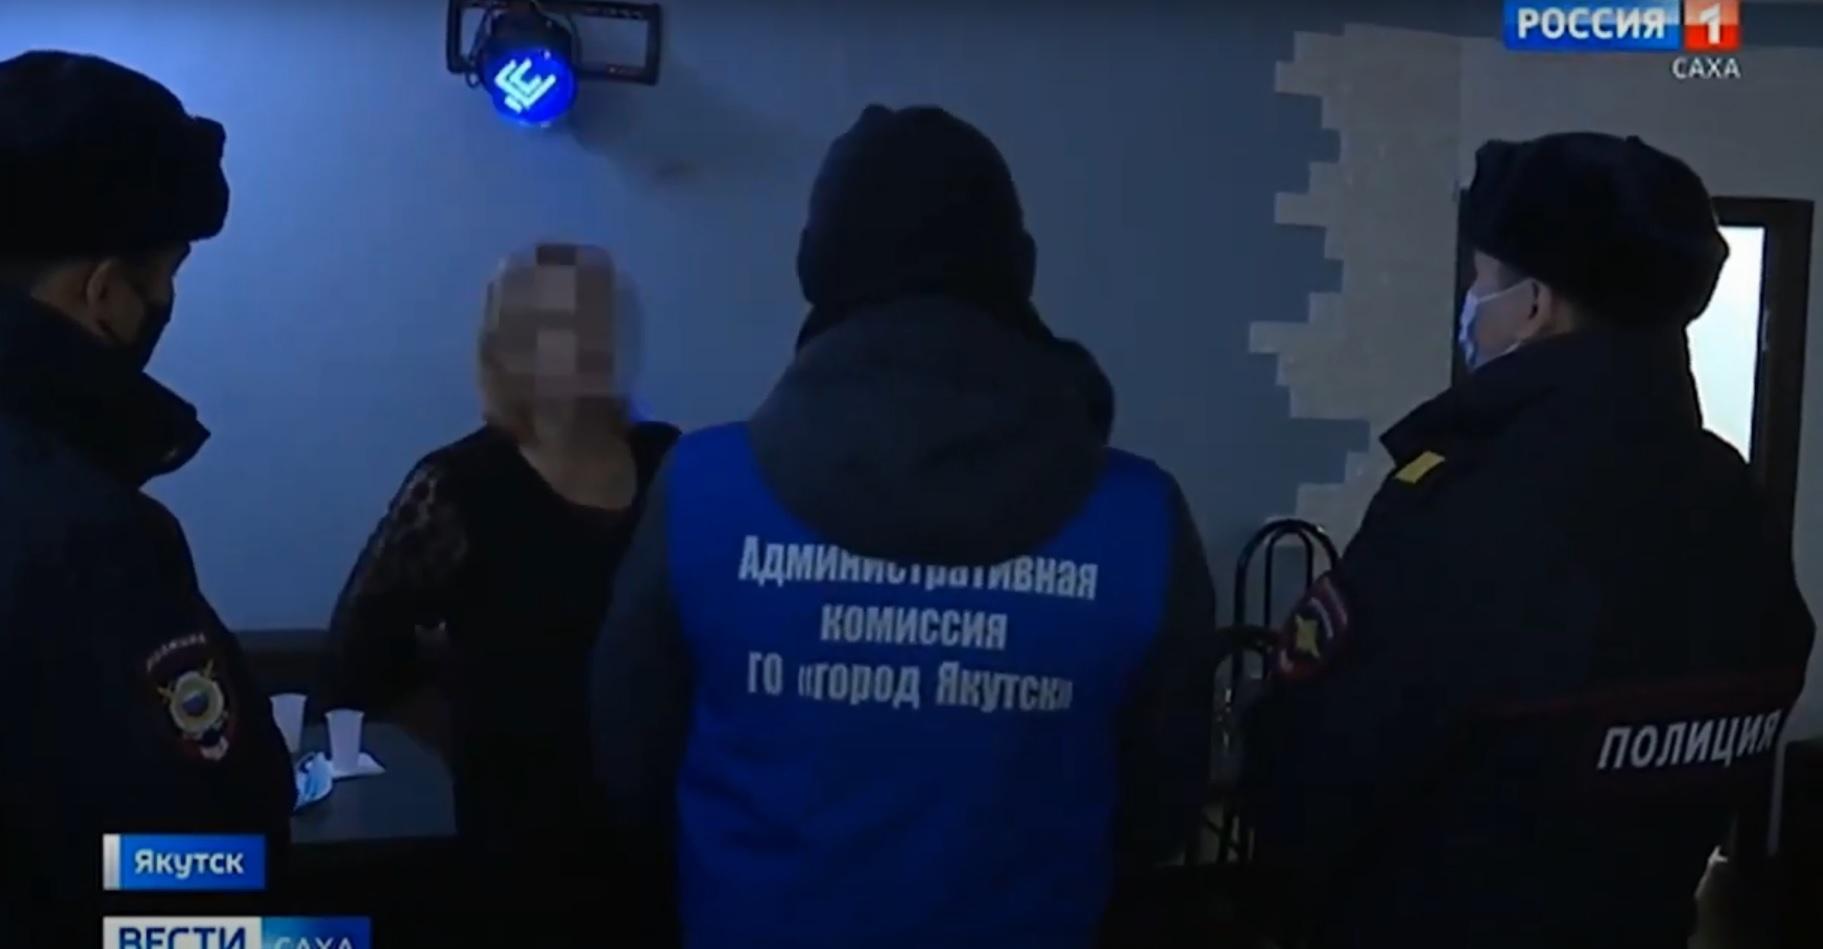 В ходе рейдов по развлекательным заведениям Якутска выявляются нарушения